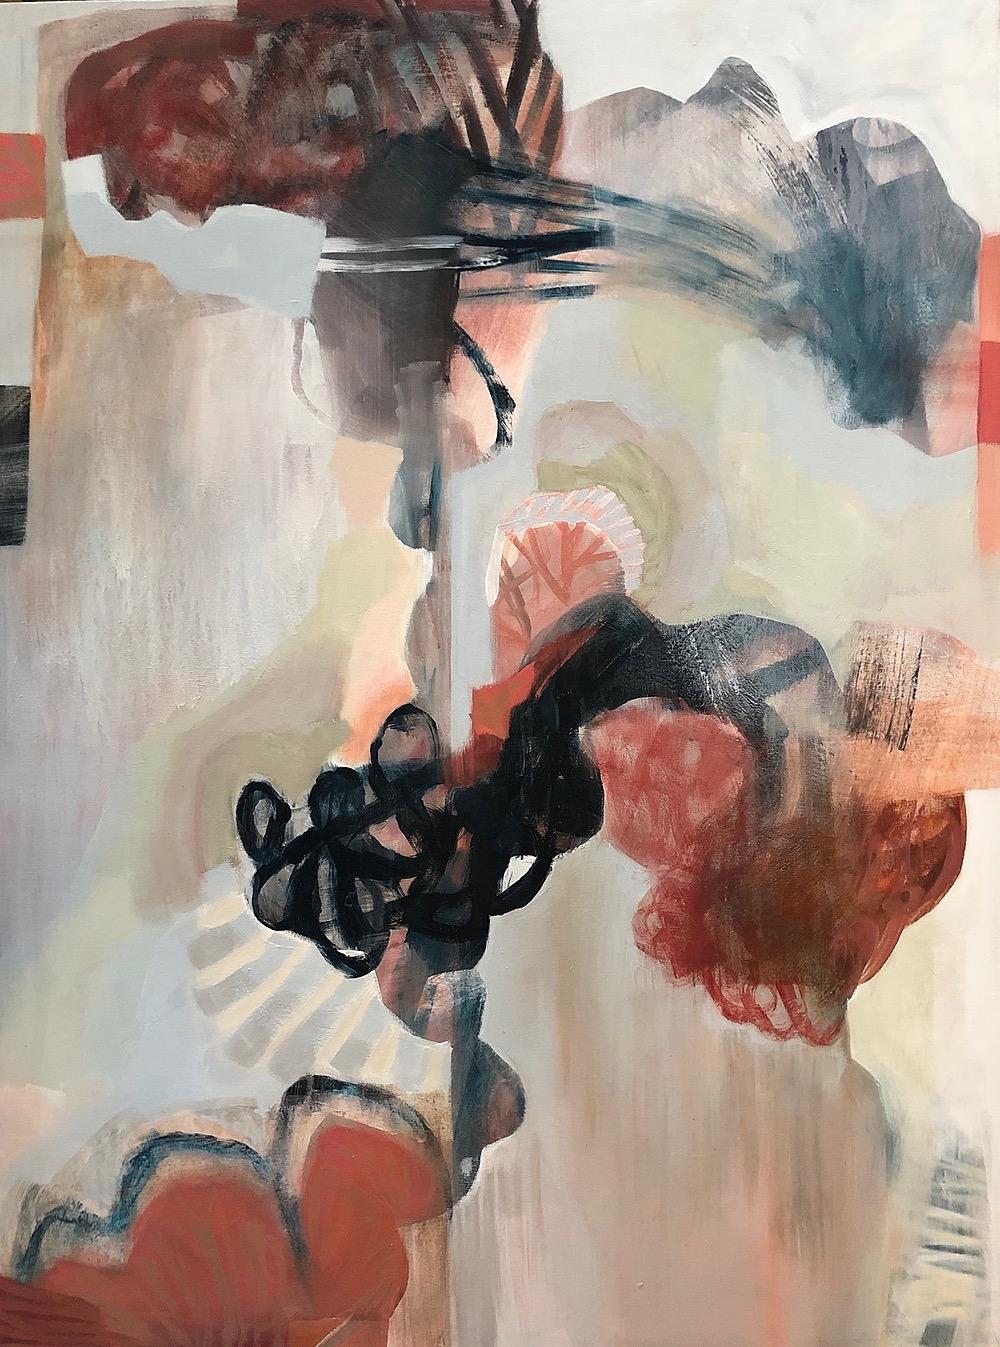 Fumarole I by Sarah Van Beckum | ArtworkNetwork.com